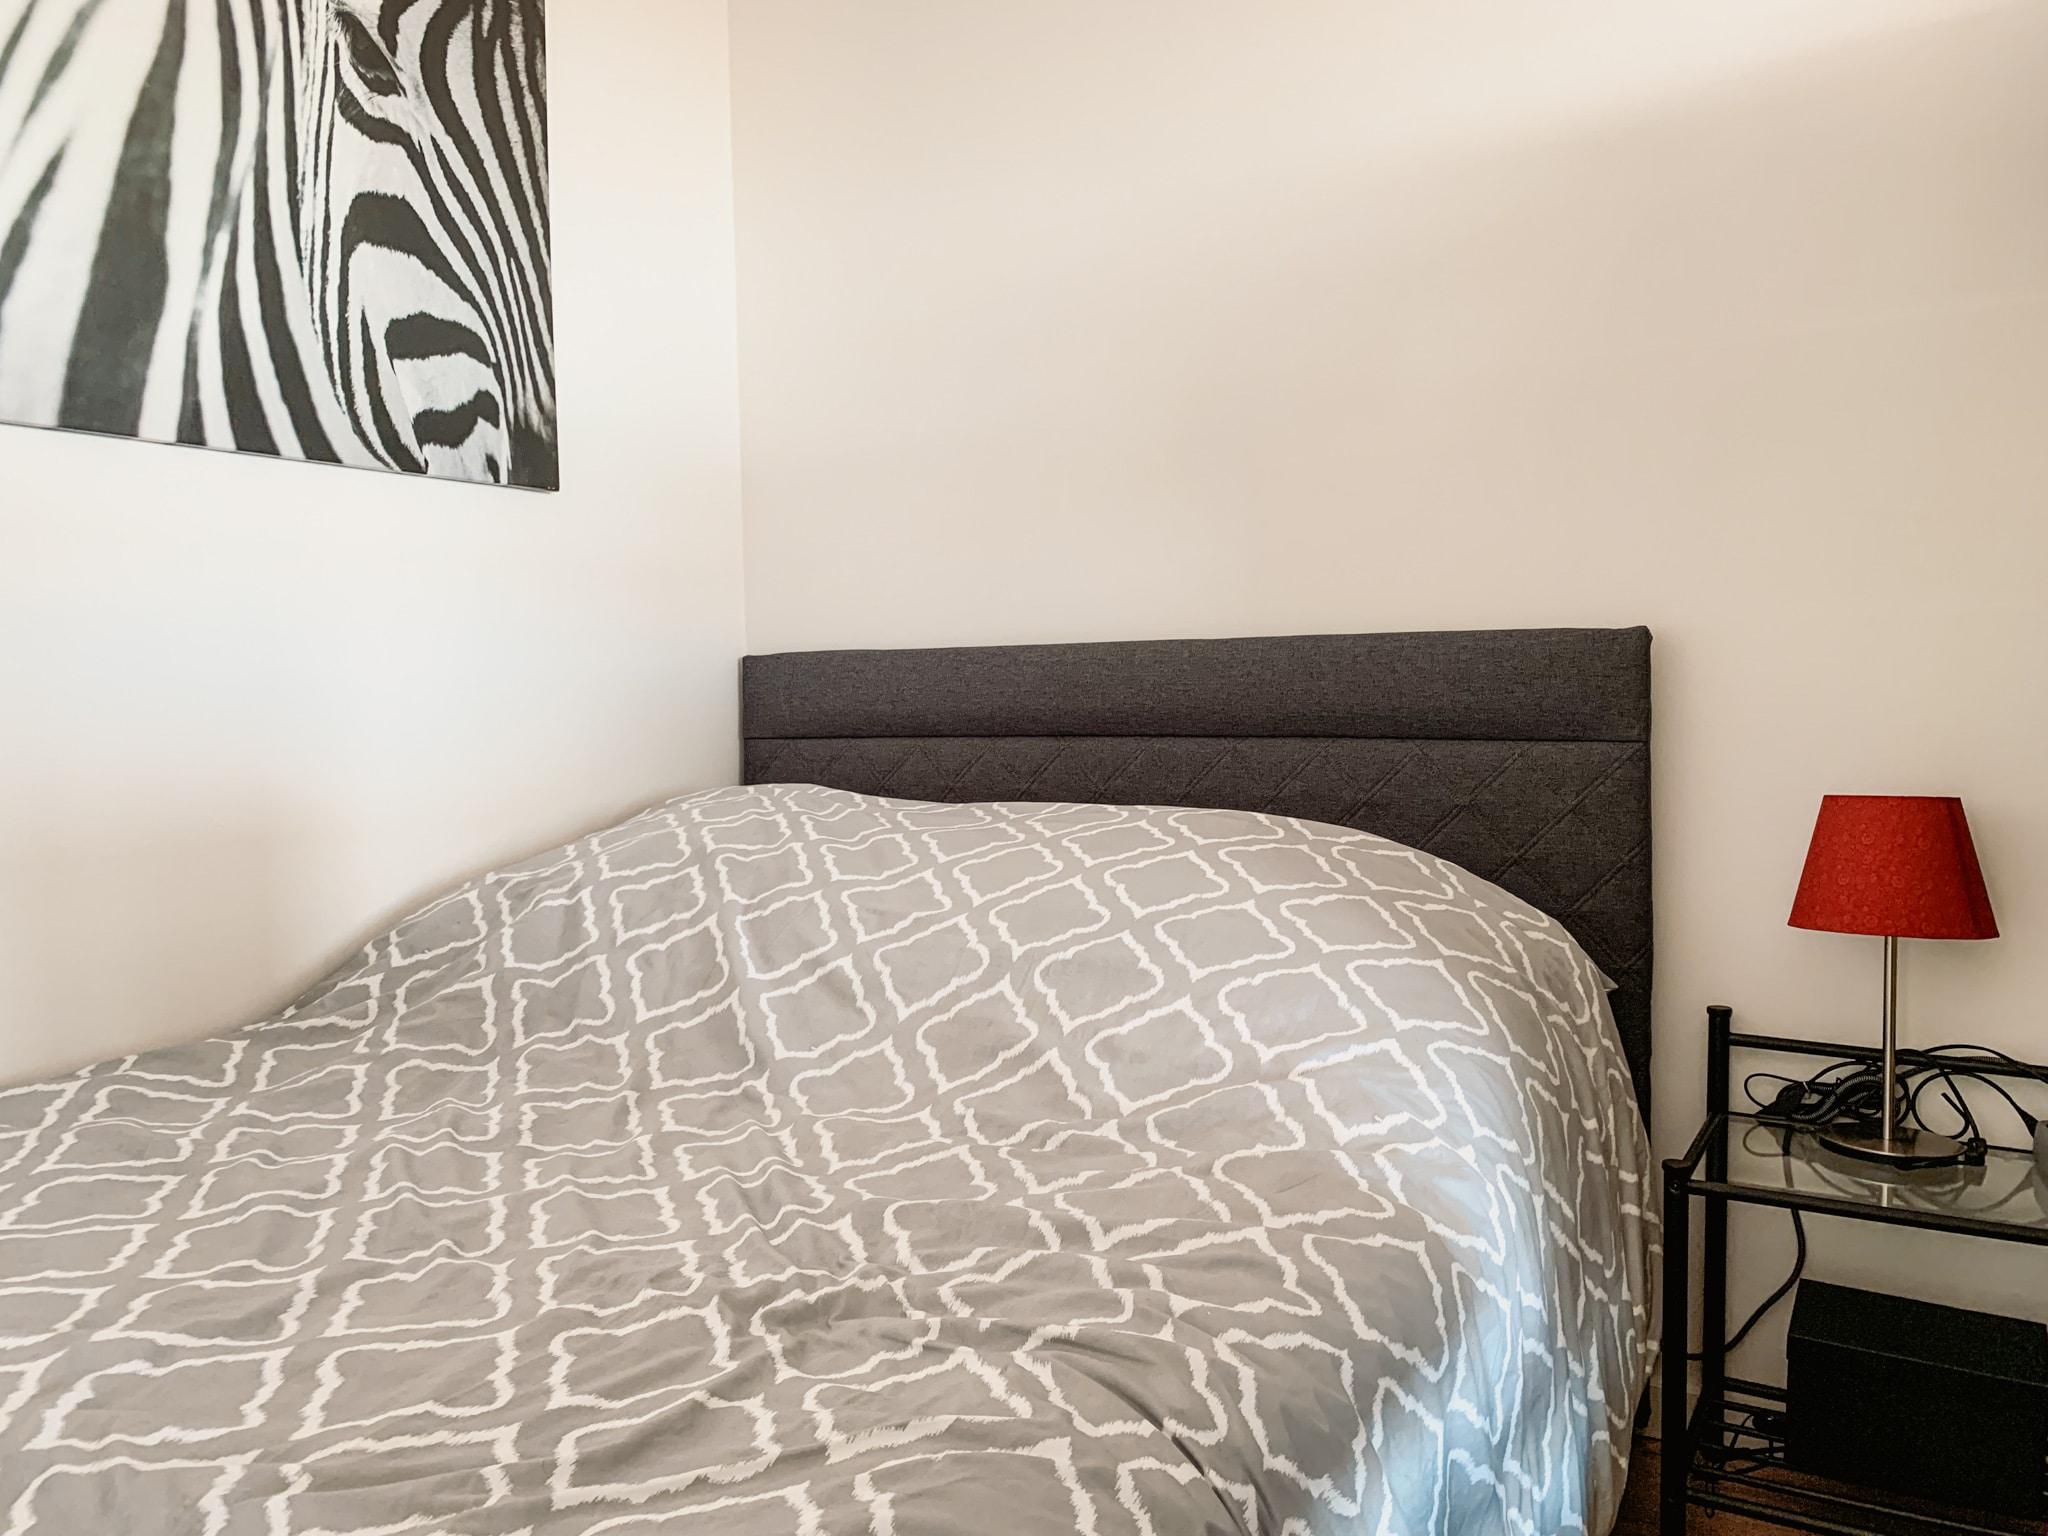 Wohnung kaufen in München: Erfahrungen mit dem ersten Immobilienkauf - Schlafzimmer